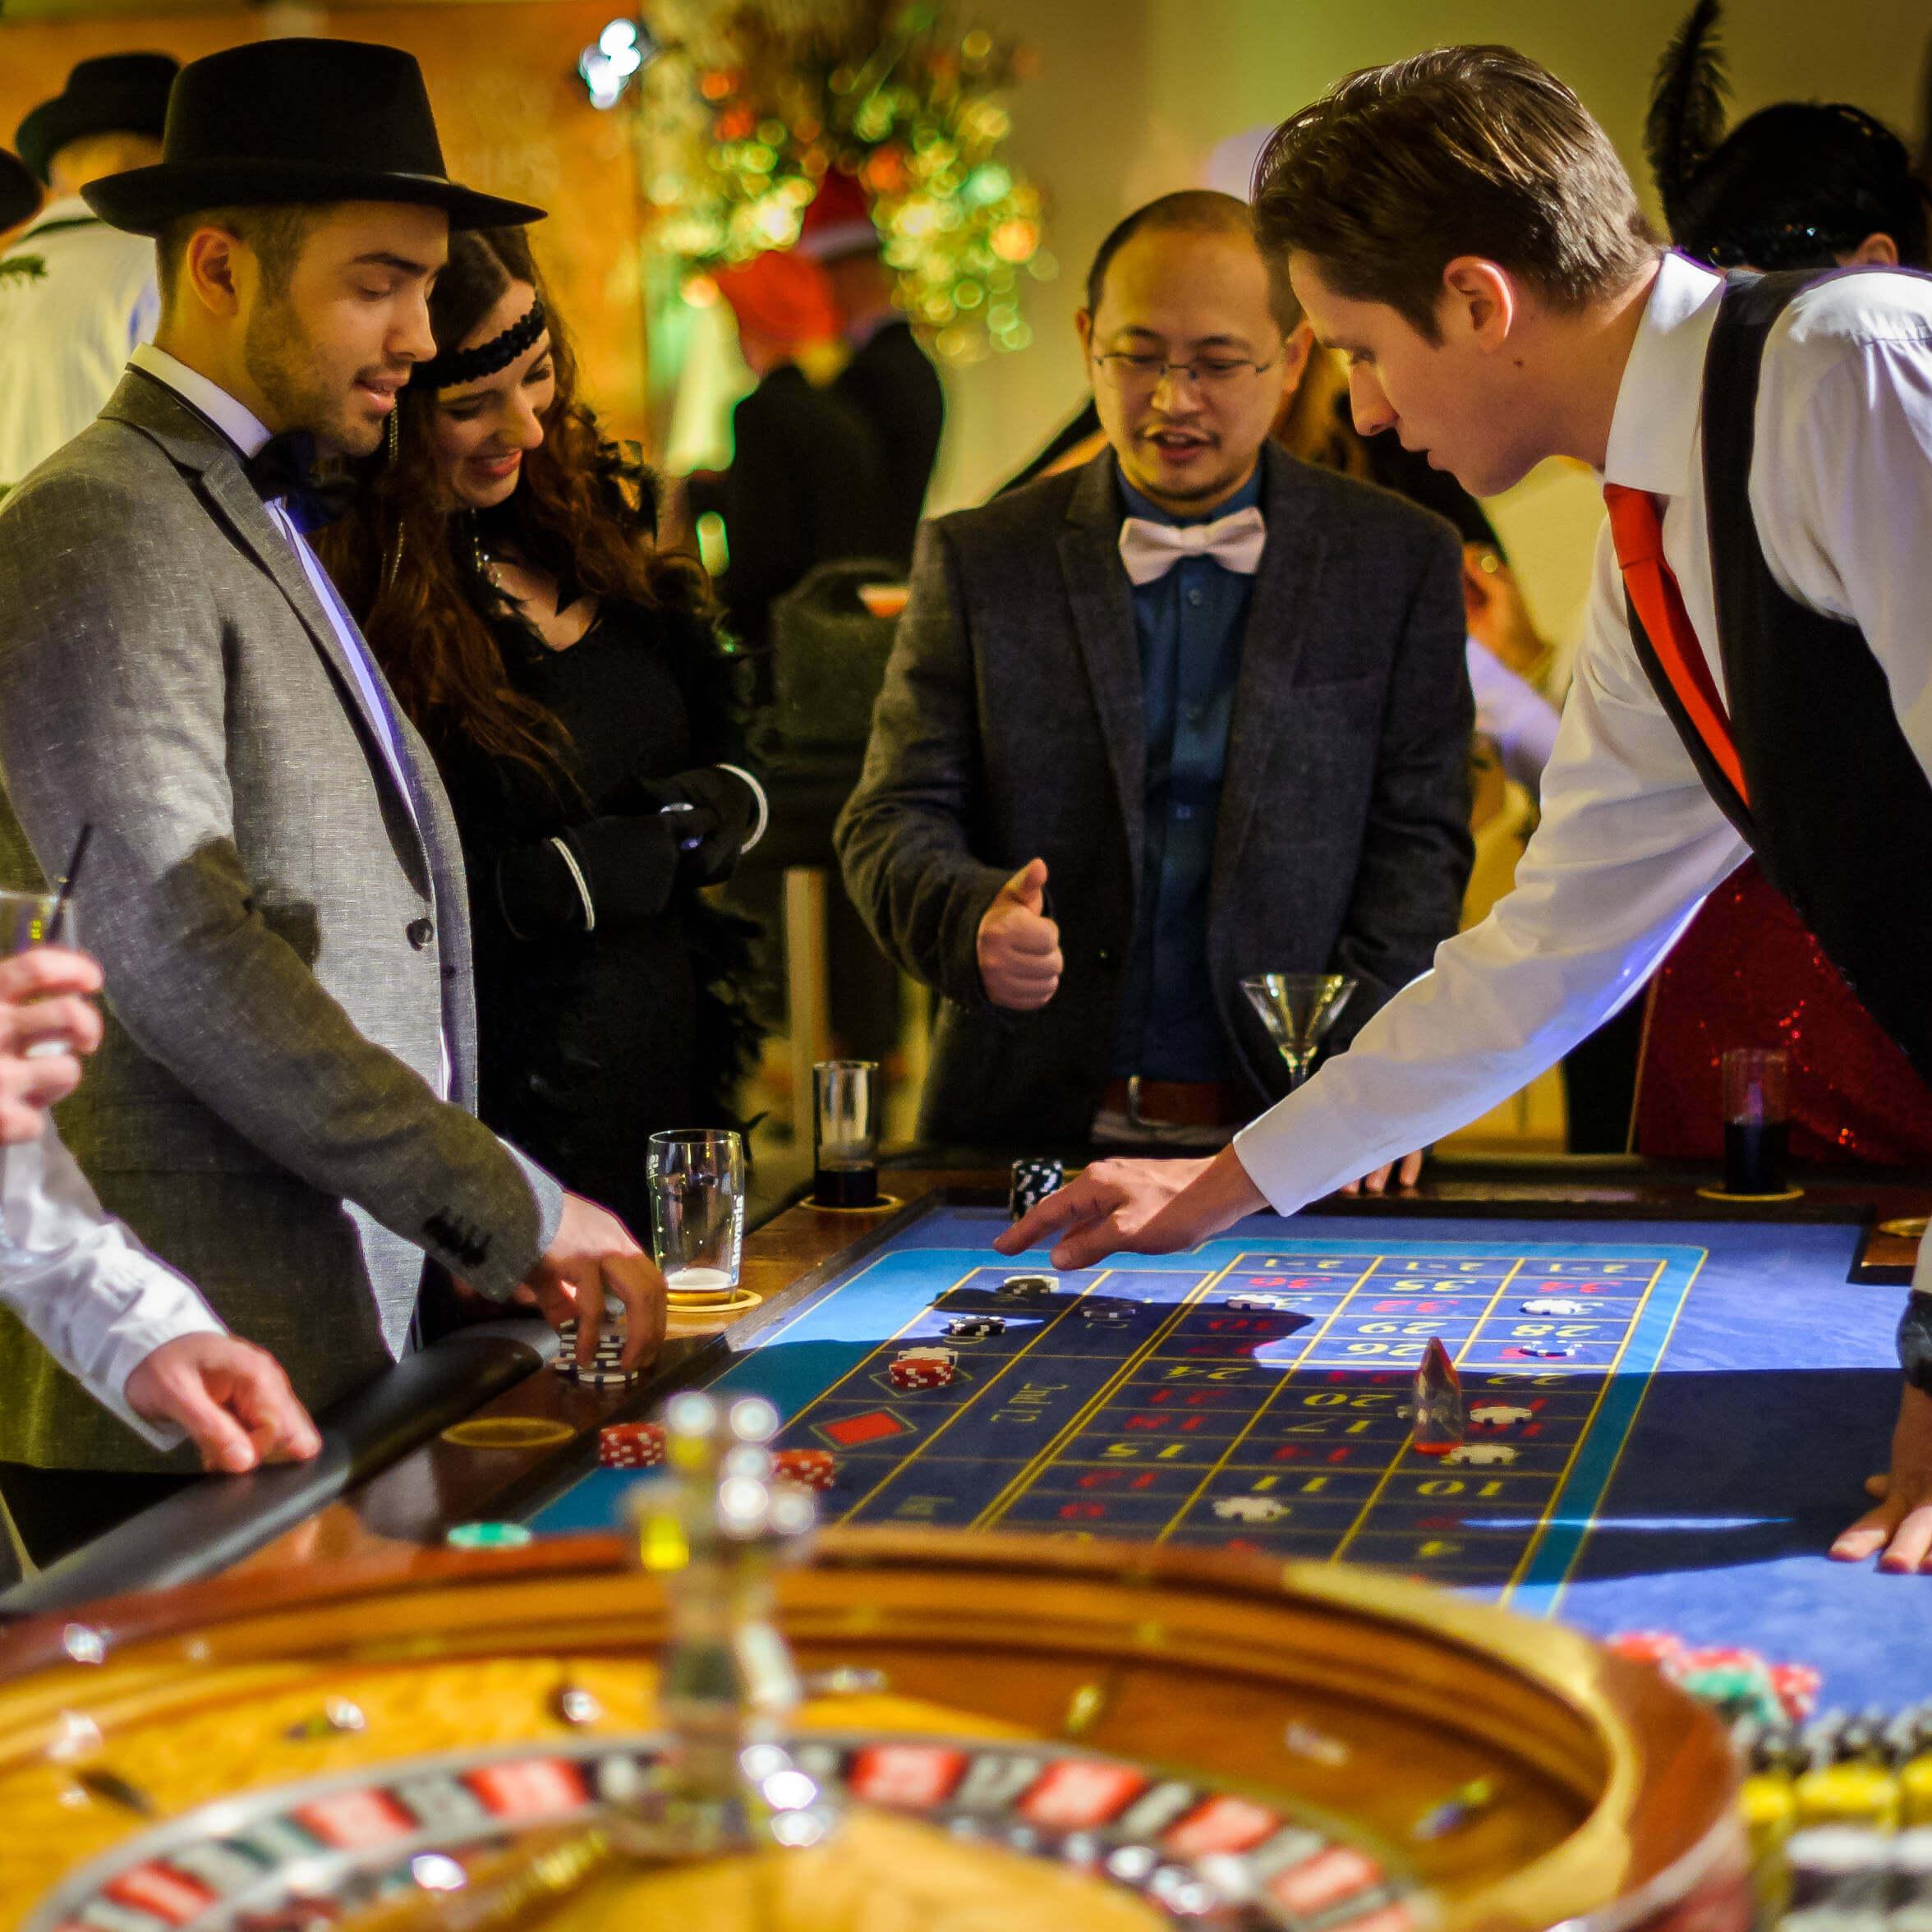 Casino op locatie roulette Gatsby stijl